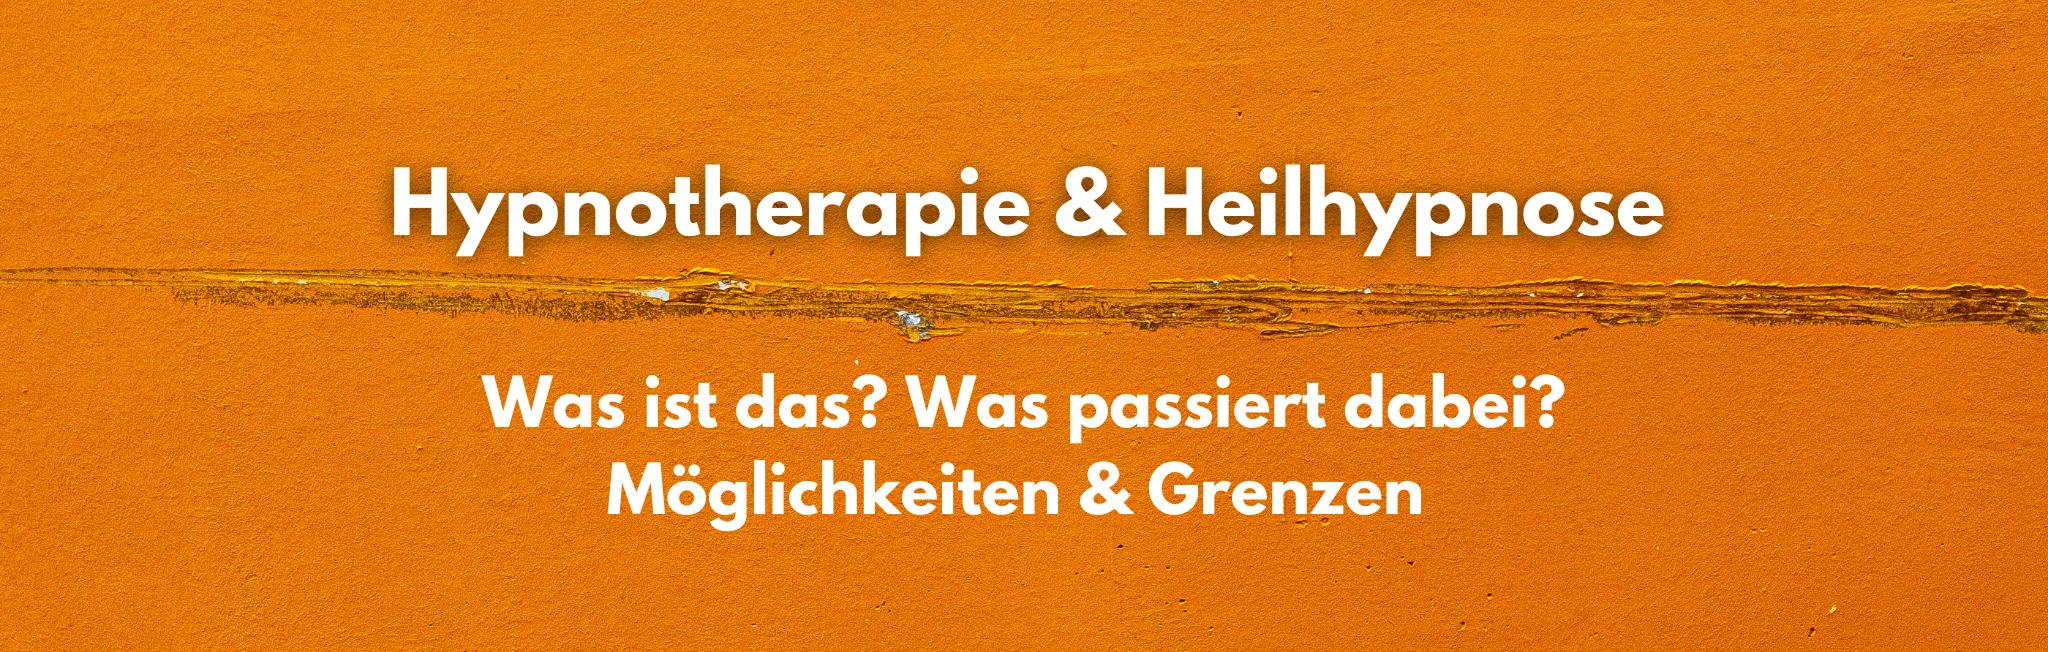 Hypnotherapie und Heilhypnose: Was ist das?!